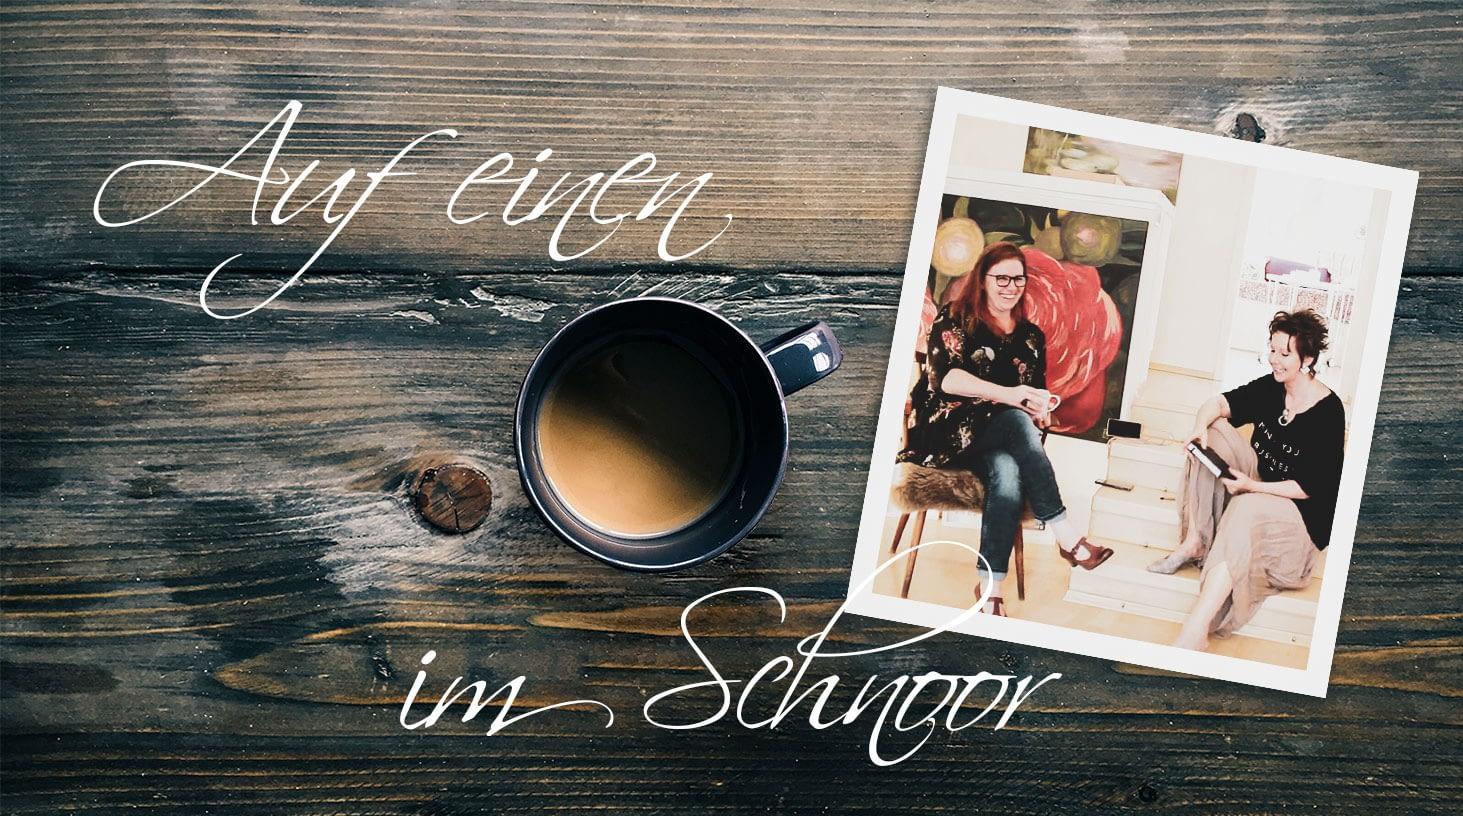 Auf einen Kaffee im Schnoor- Ute Bescht und Ruth E.E. Cordes plaudern über Kunst, Klön und Kultur